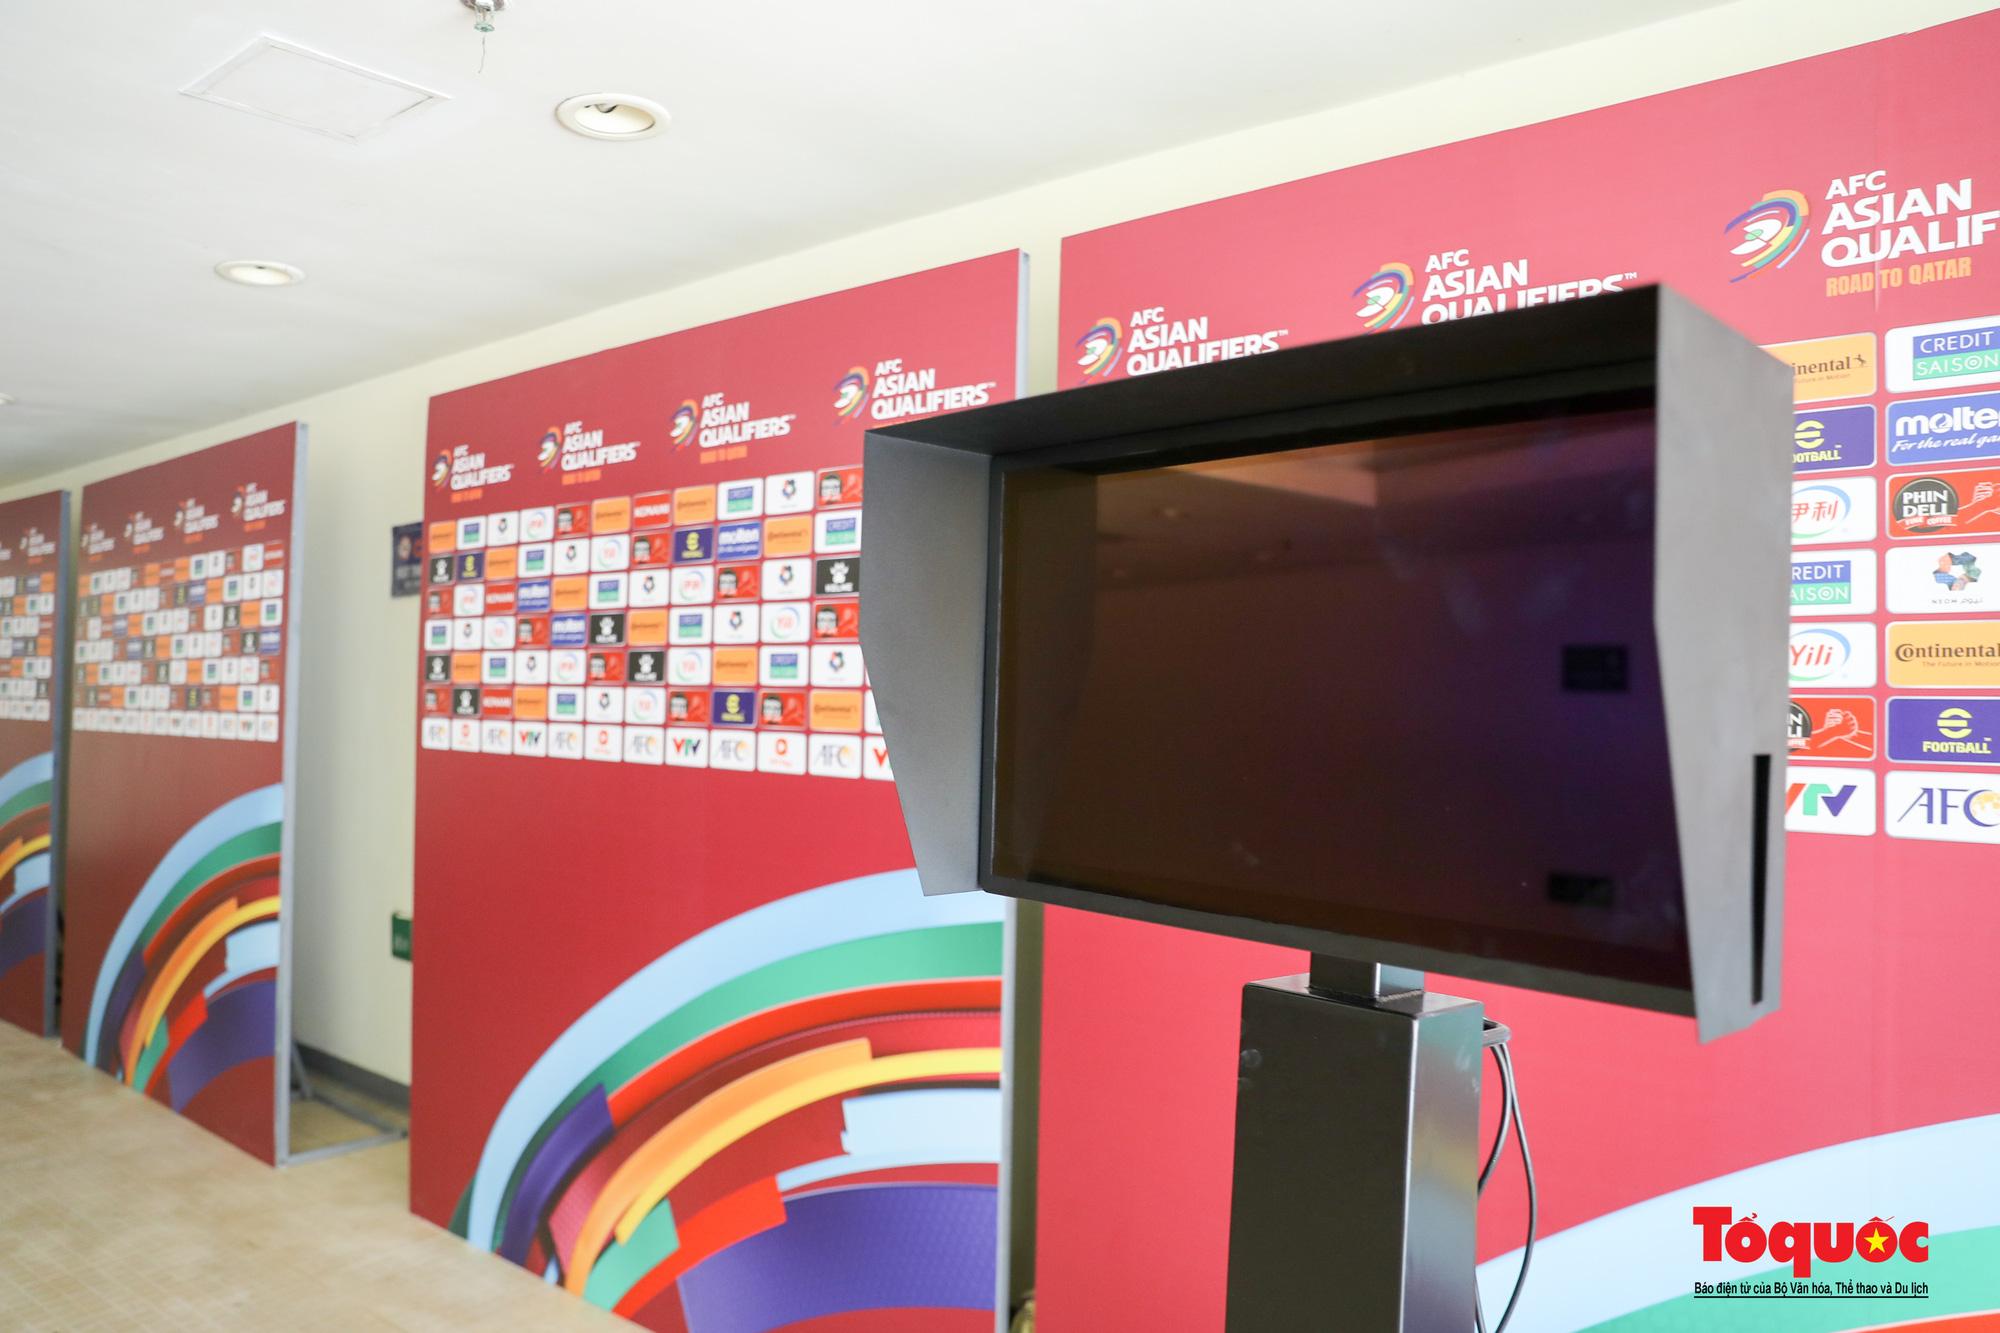 Đảm bảo an toàn tuyệt đối trận đấu giữa đội tuyển Việt Nam và Úc vòng loại thứ 3 World Cup 2022 khu vực châu Á - Ảnh 7.